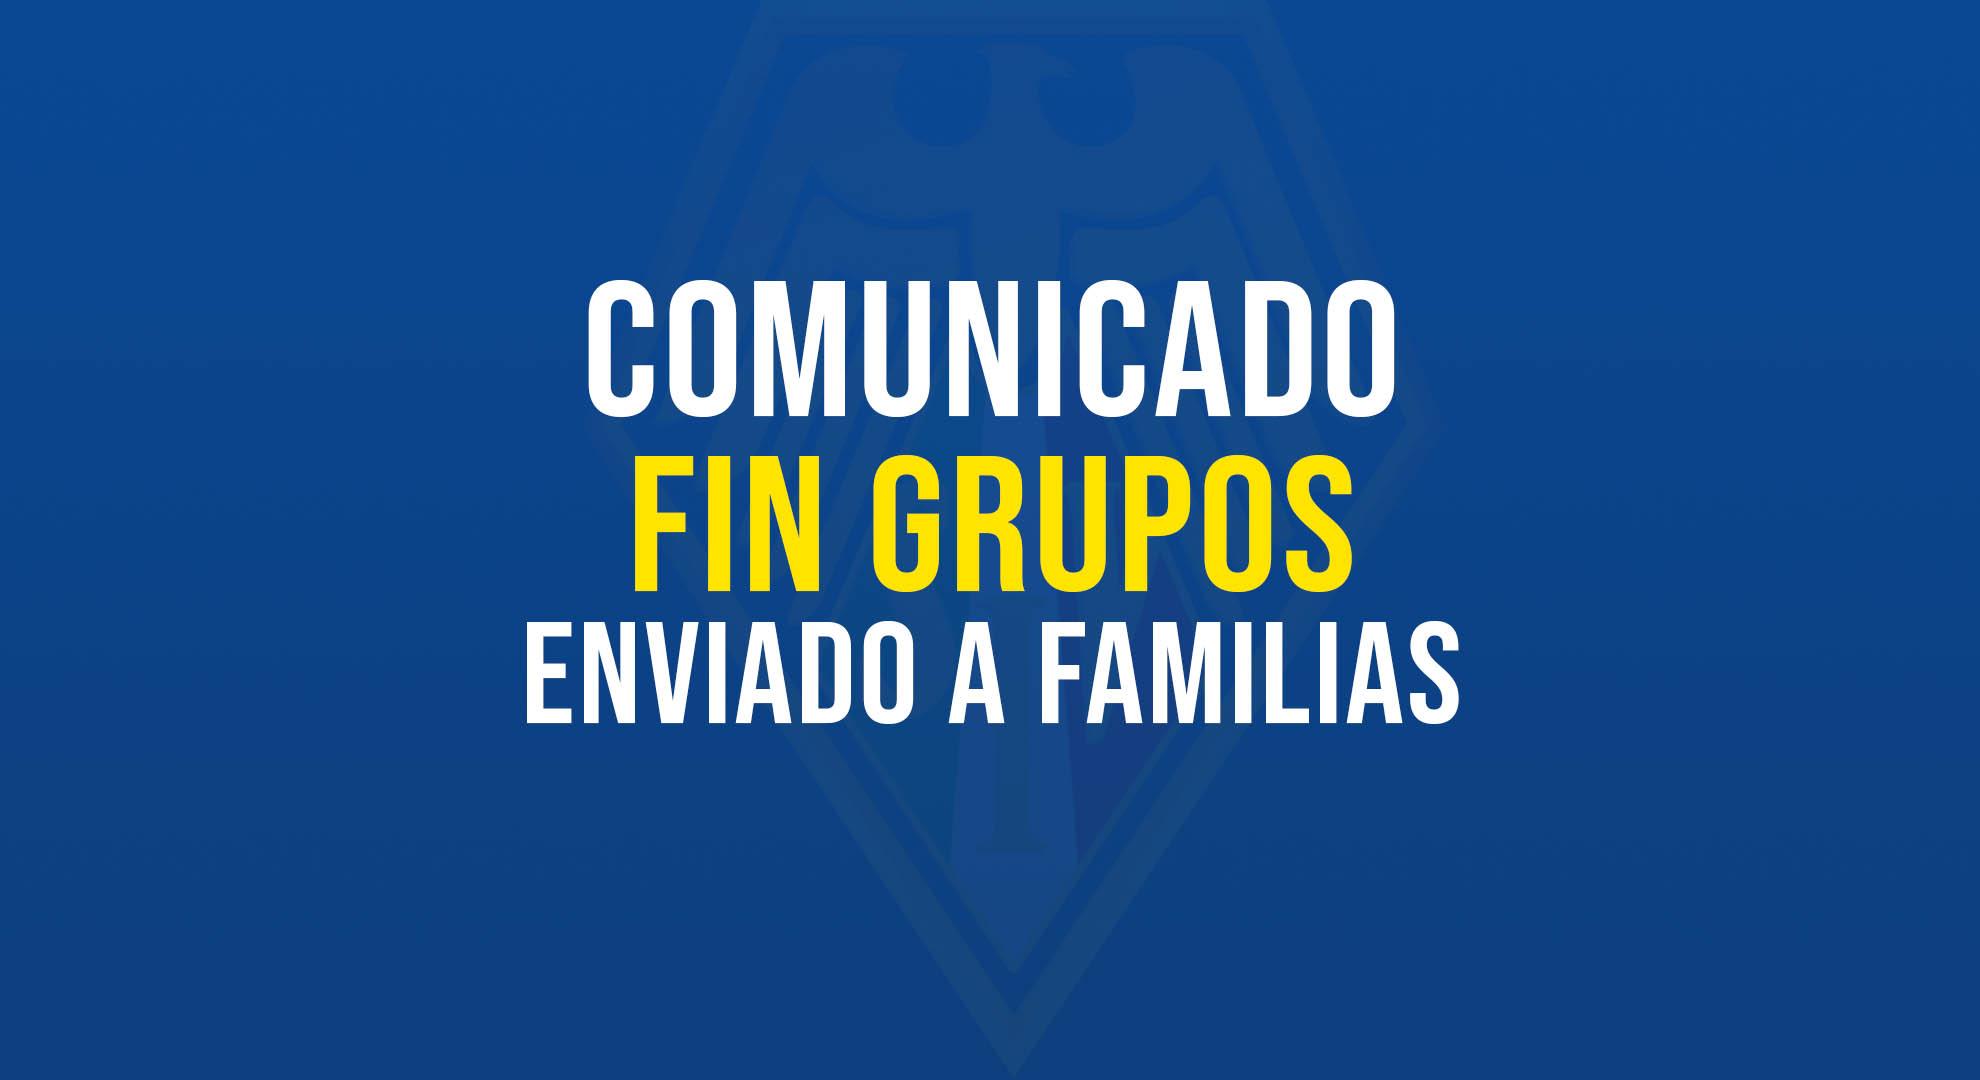 FINGRUPOS_FLIA